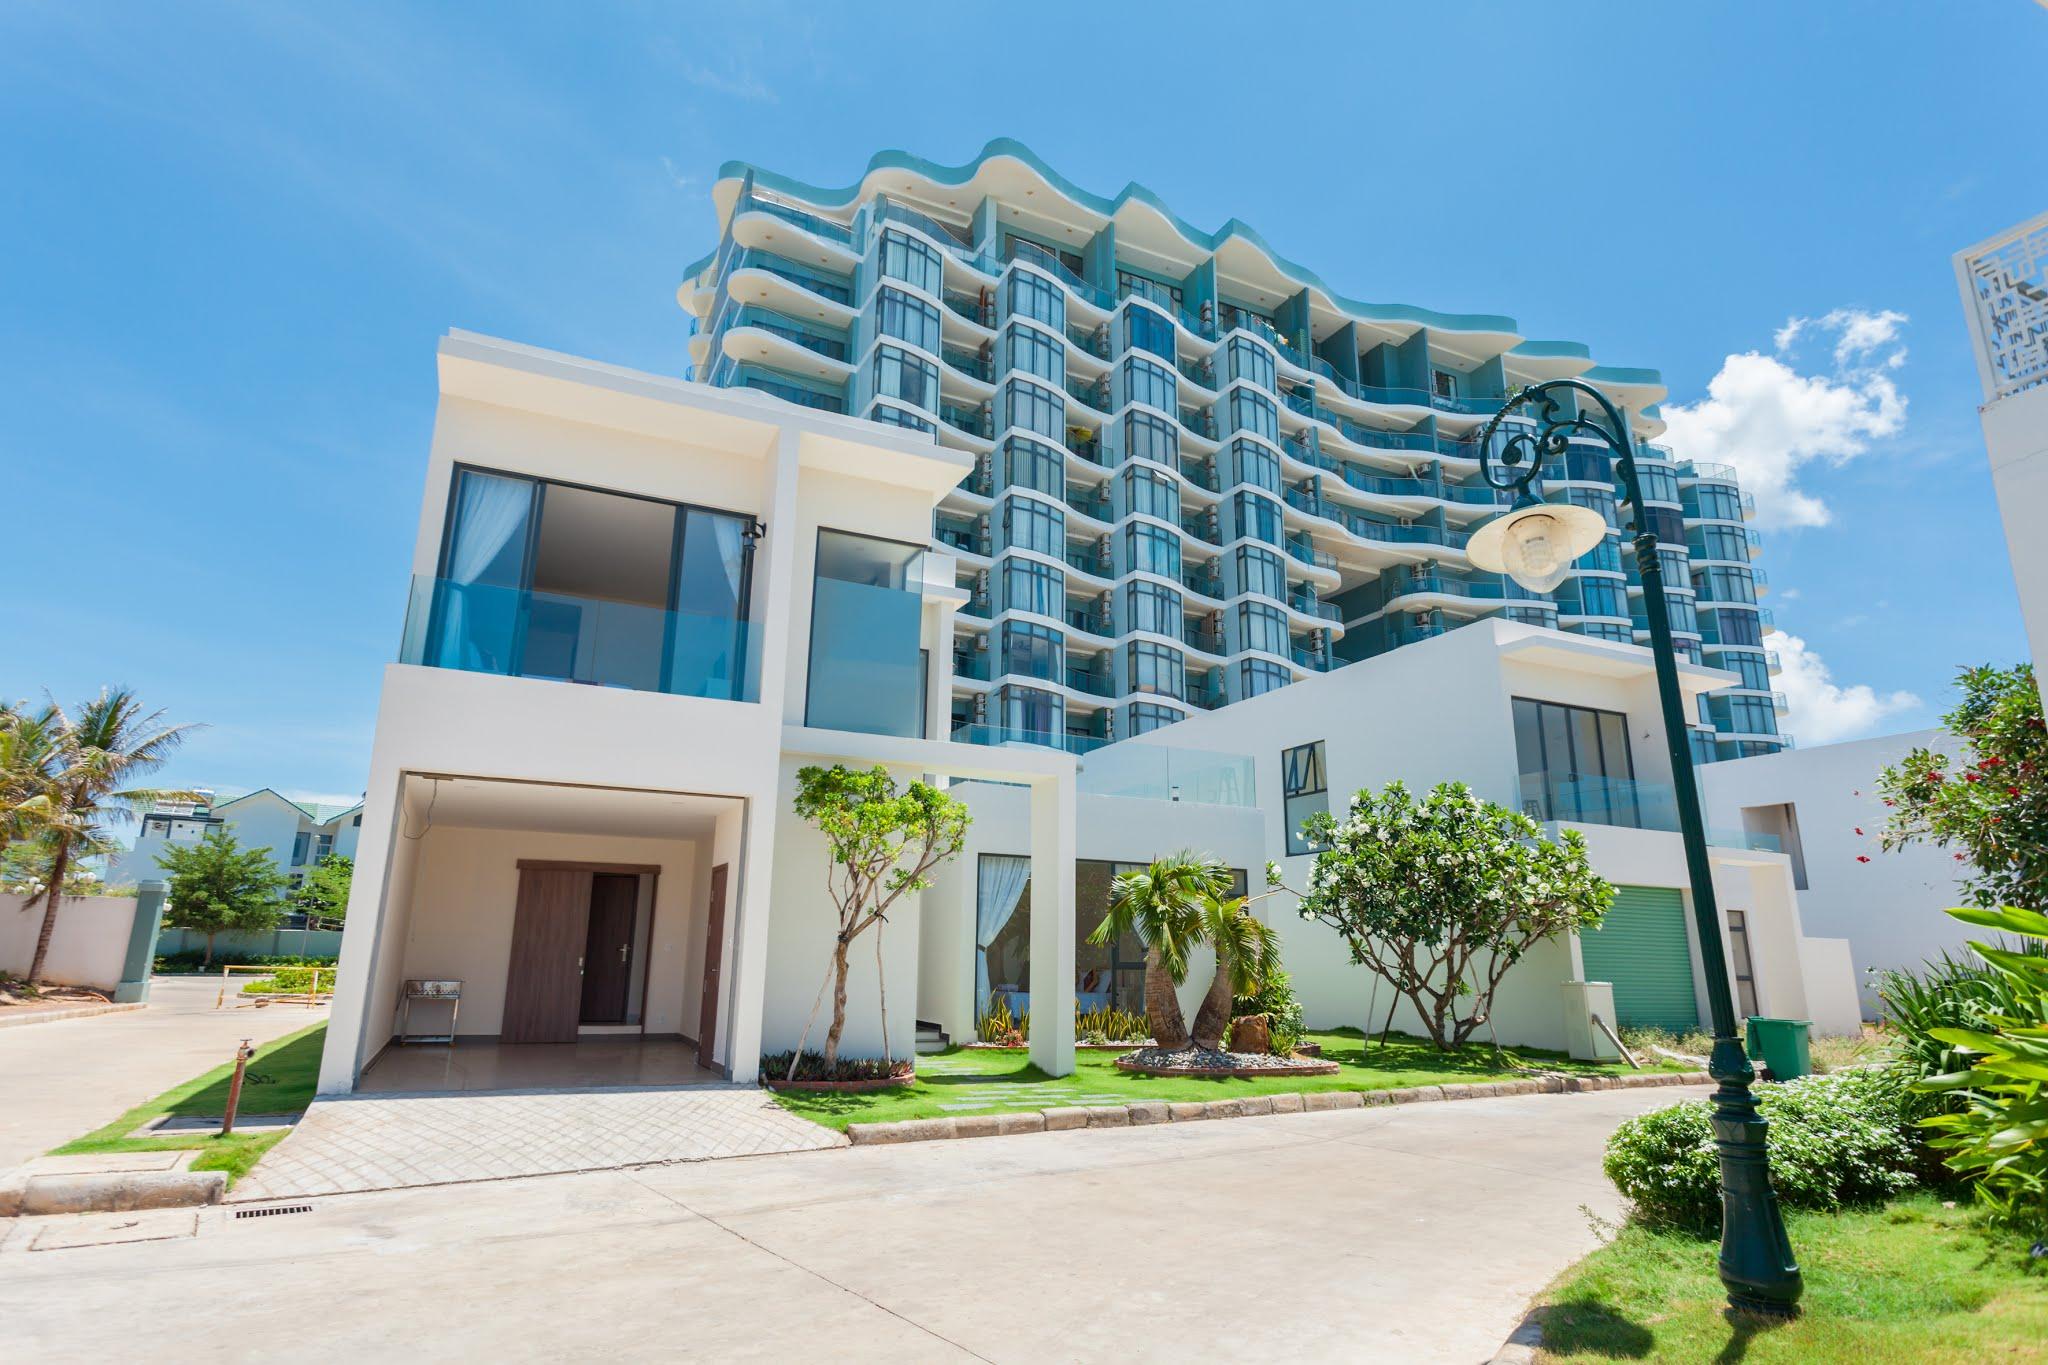 Cho thuê biệt thự nghỉ dưỡng 4 sao blue sapphire resort Vũng Tàu